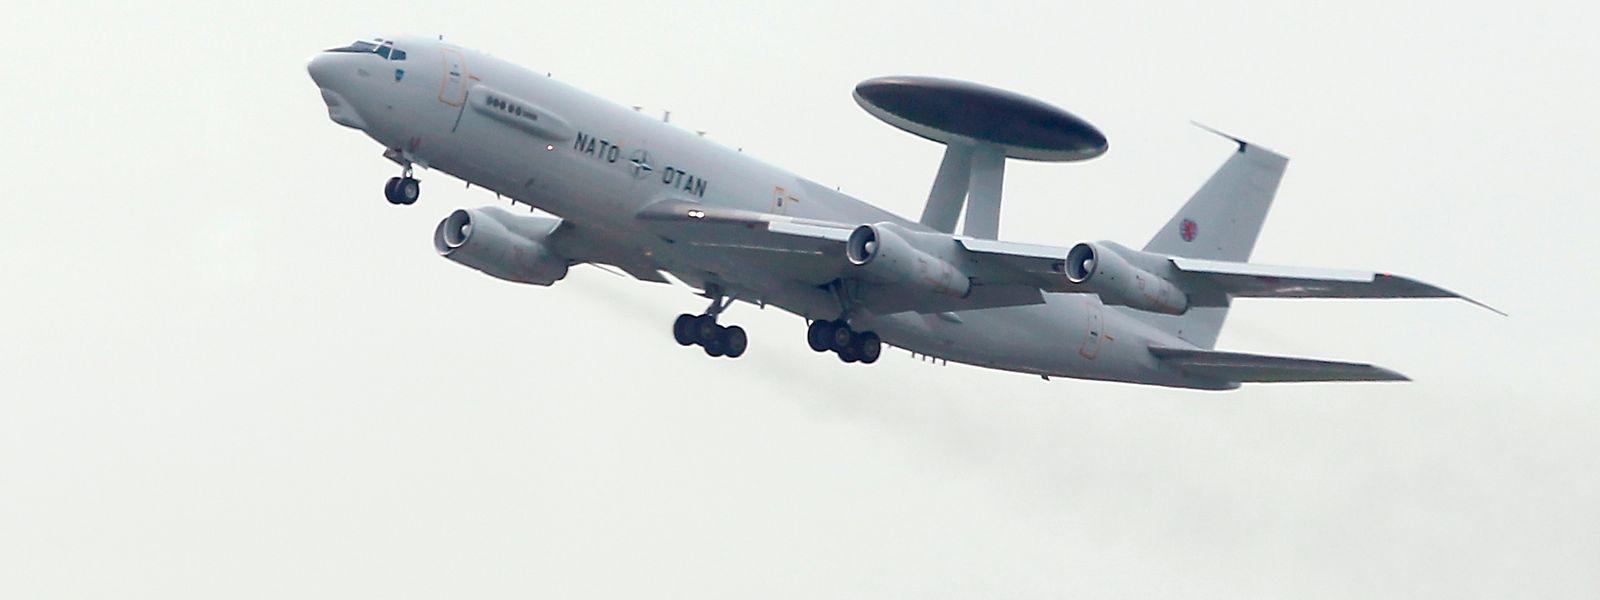 Die 707-Maschinen der Nato sind in die Jahre gekommen, sollen aber bis 2035 in Dienst bleiben.